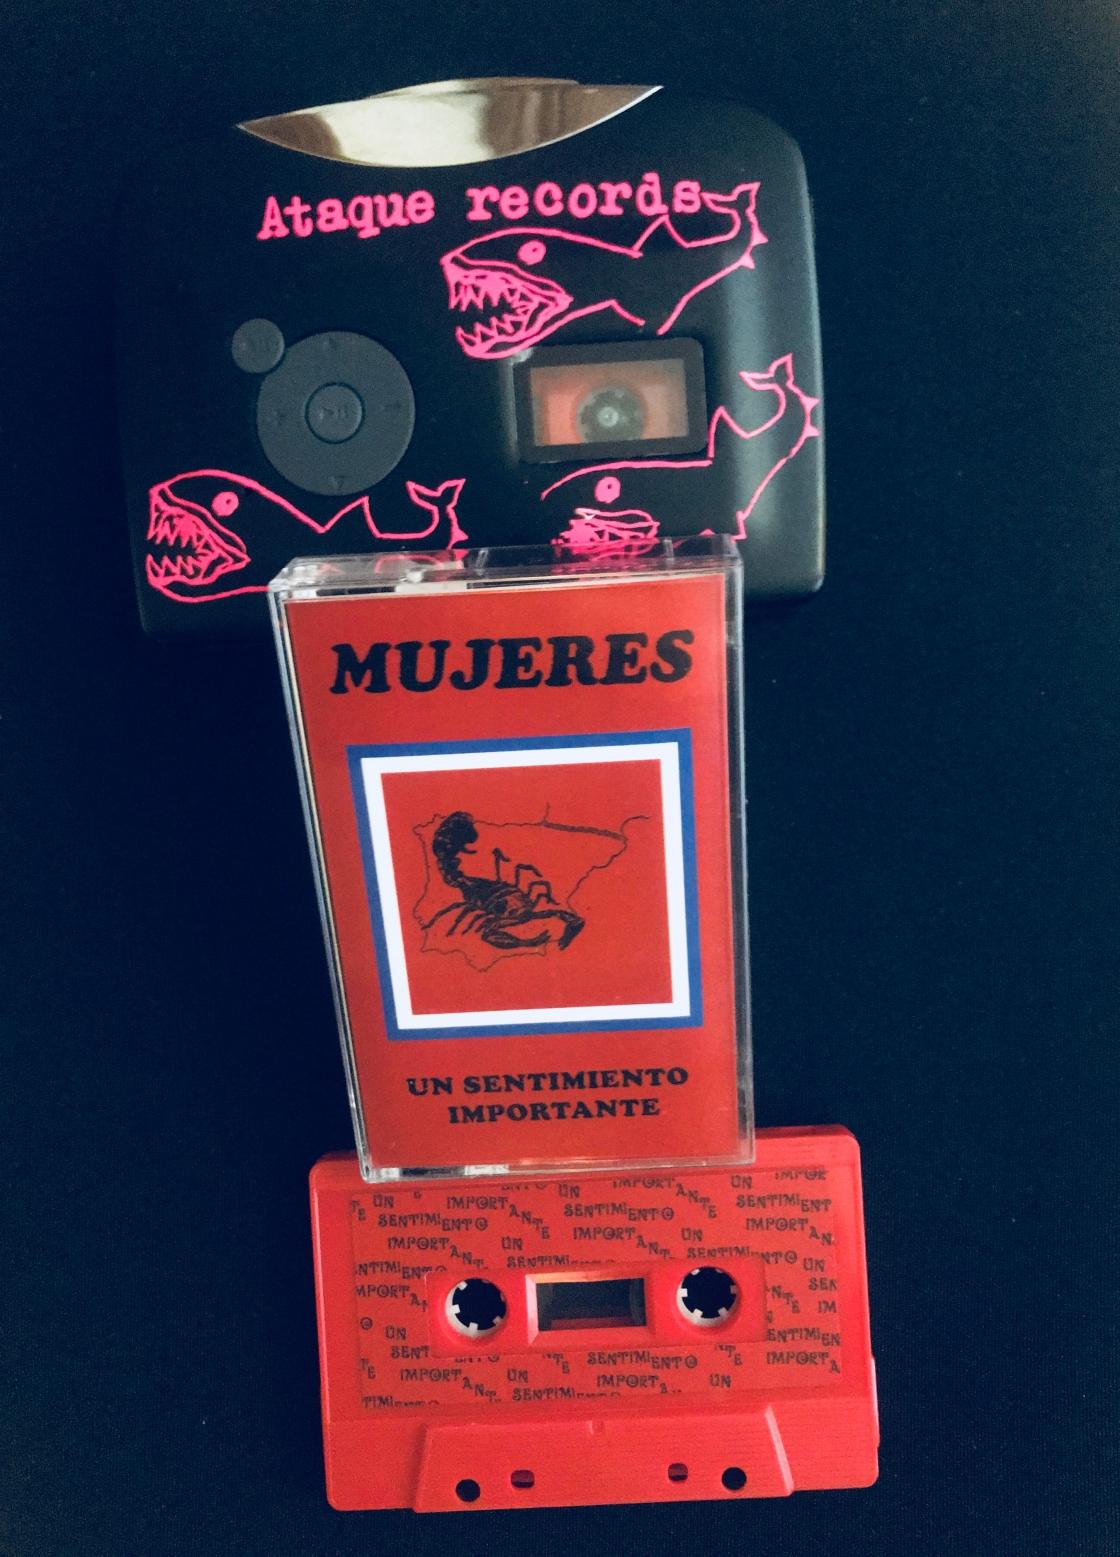 El nuevo disco de Mujeres en Cassete.